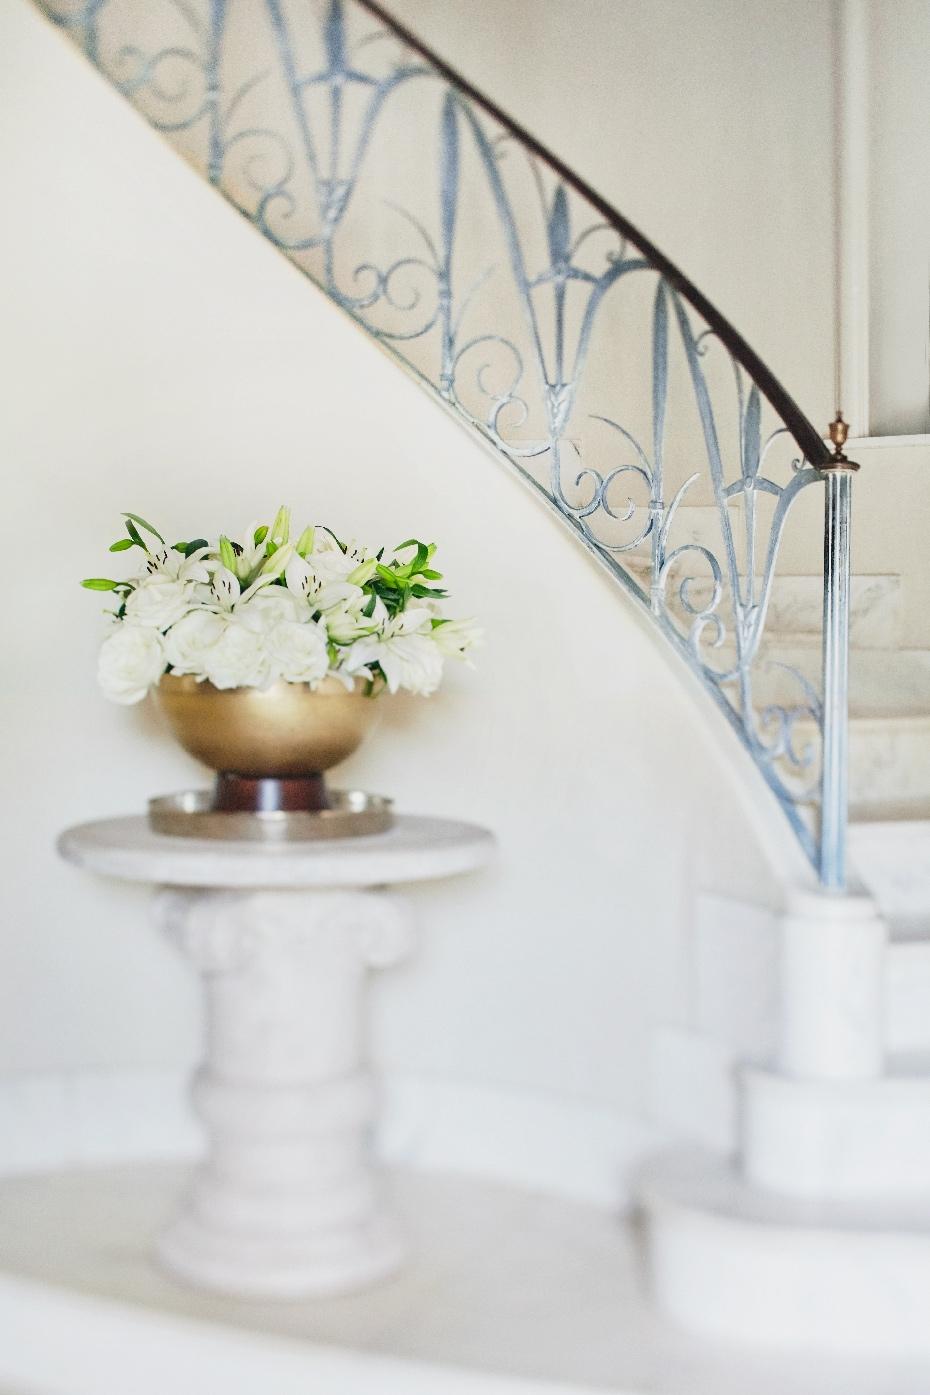 Stacey Van Berkel Photography I Elegant spiral staircase with flower arrangement I Bernhardt Furniture